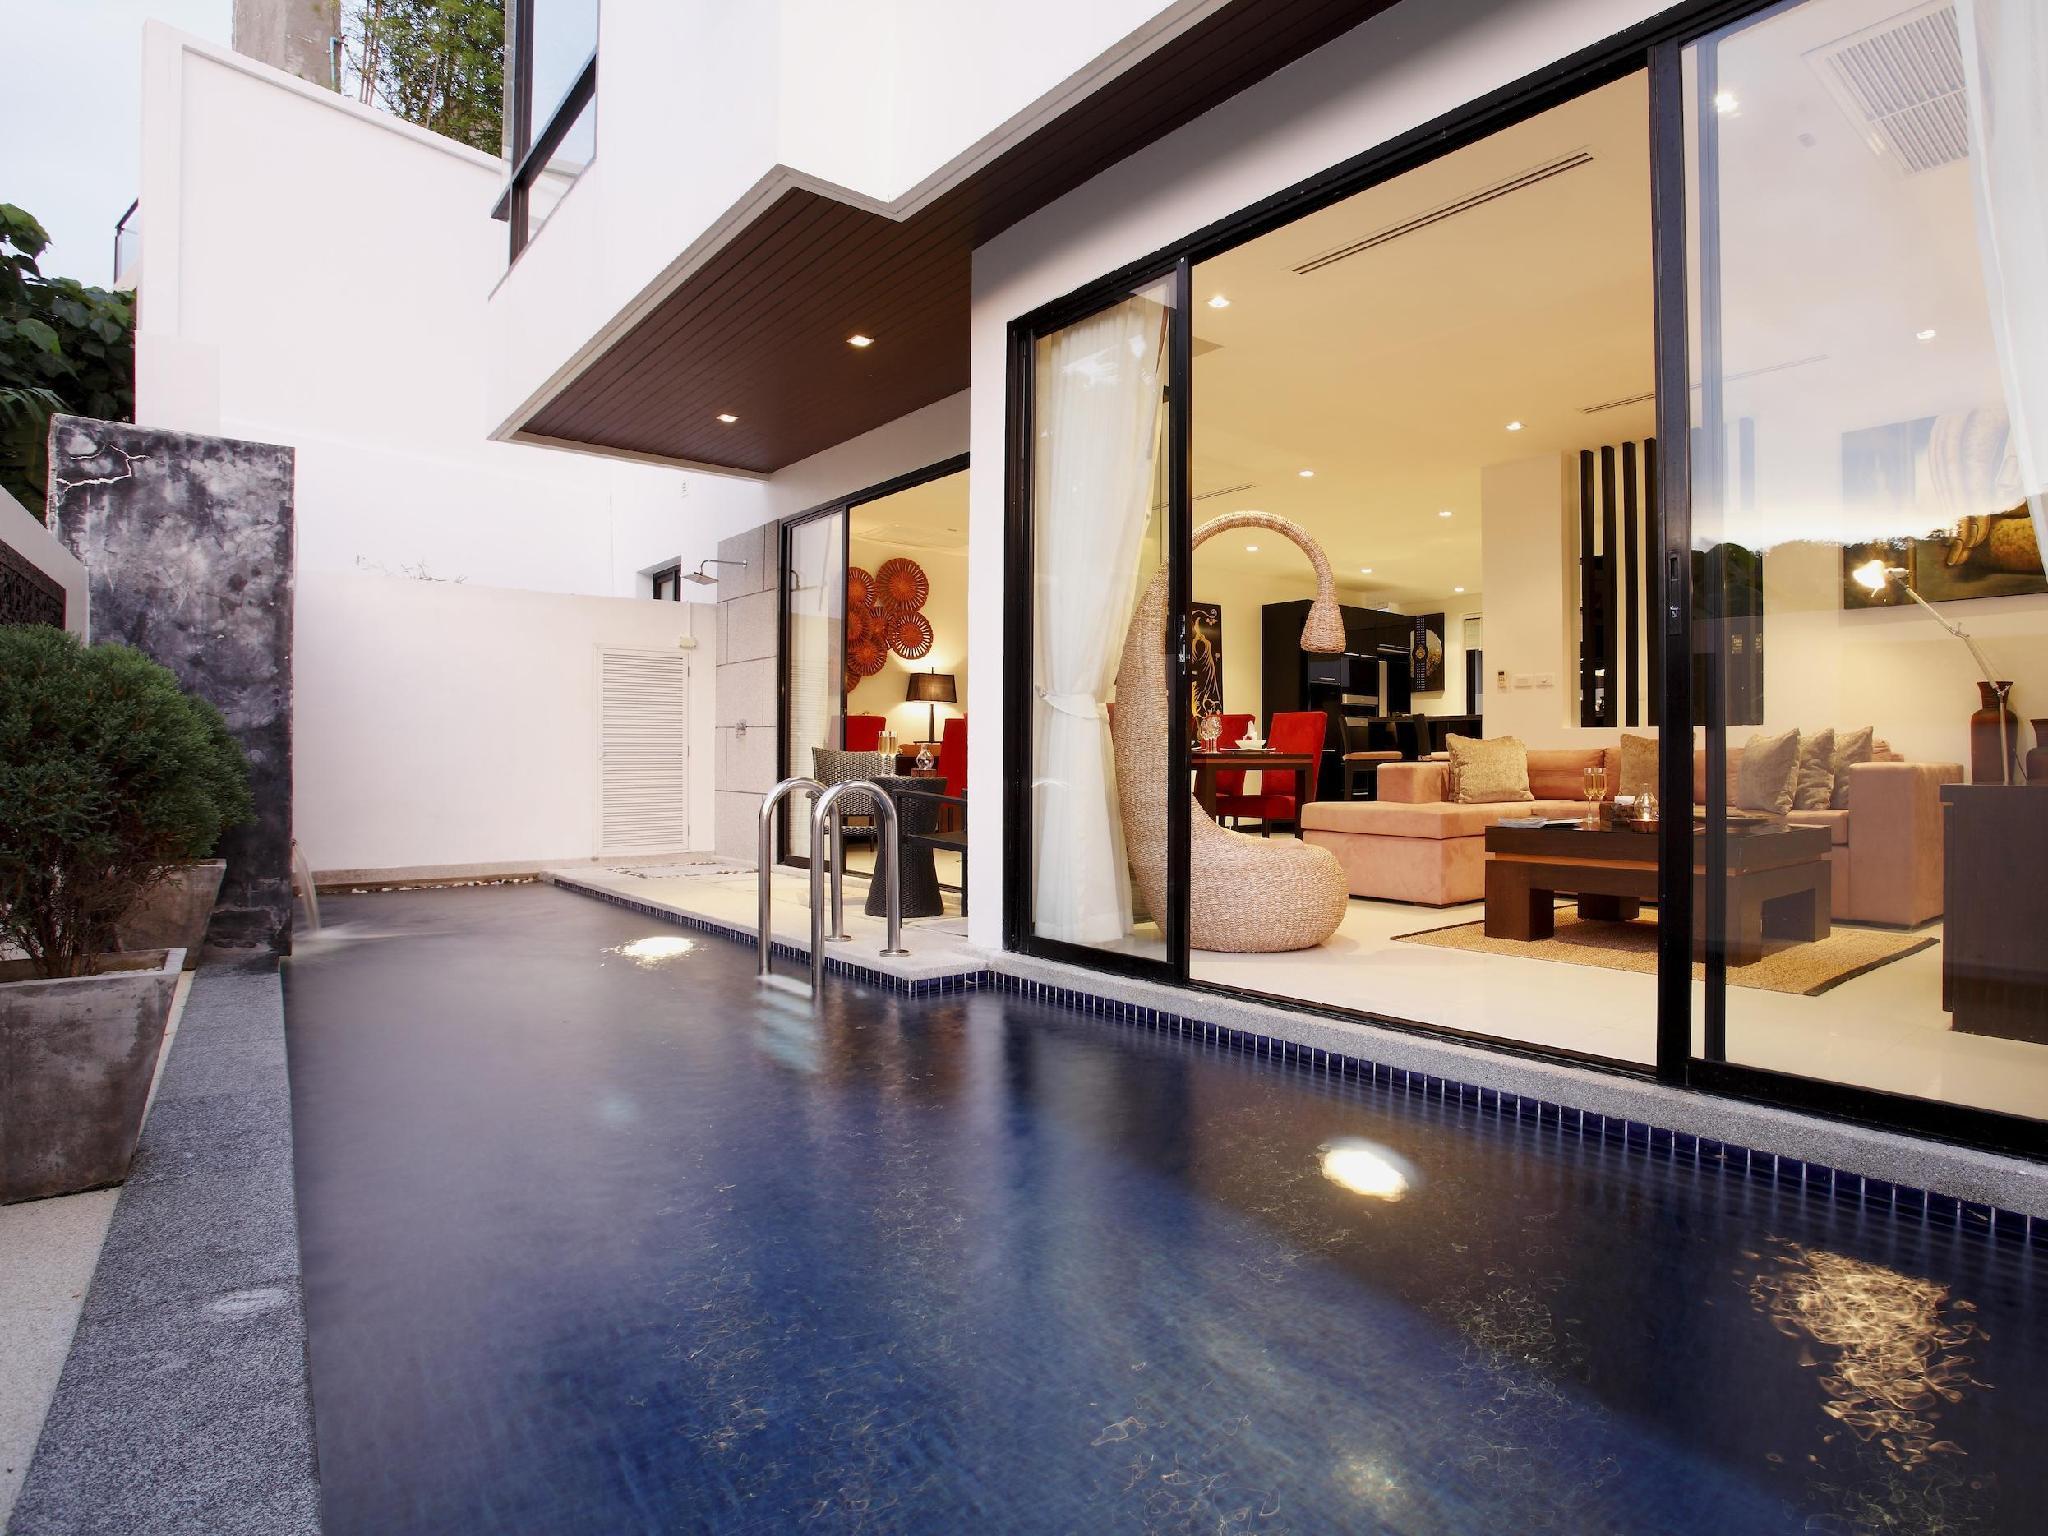 Hotell Phuket Deluxe Rentals – By The Lake i Naiharn, Phuket. Klicka för att läsa mer och skicka bokningsförfrågan